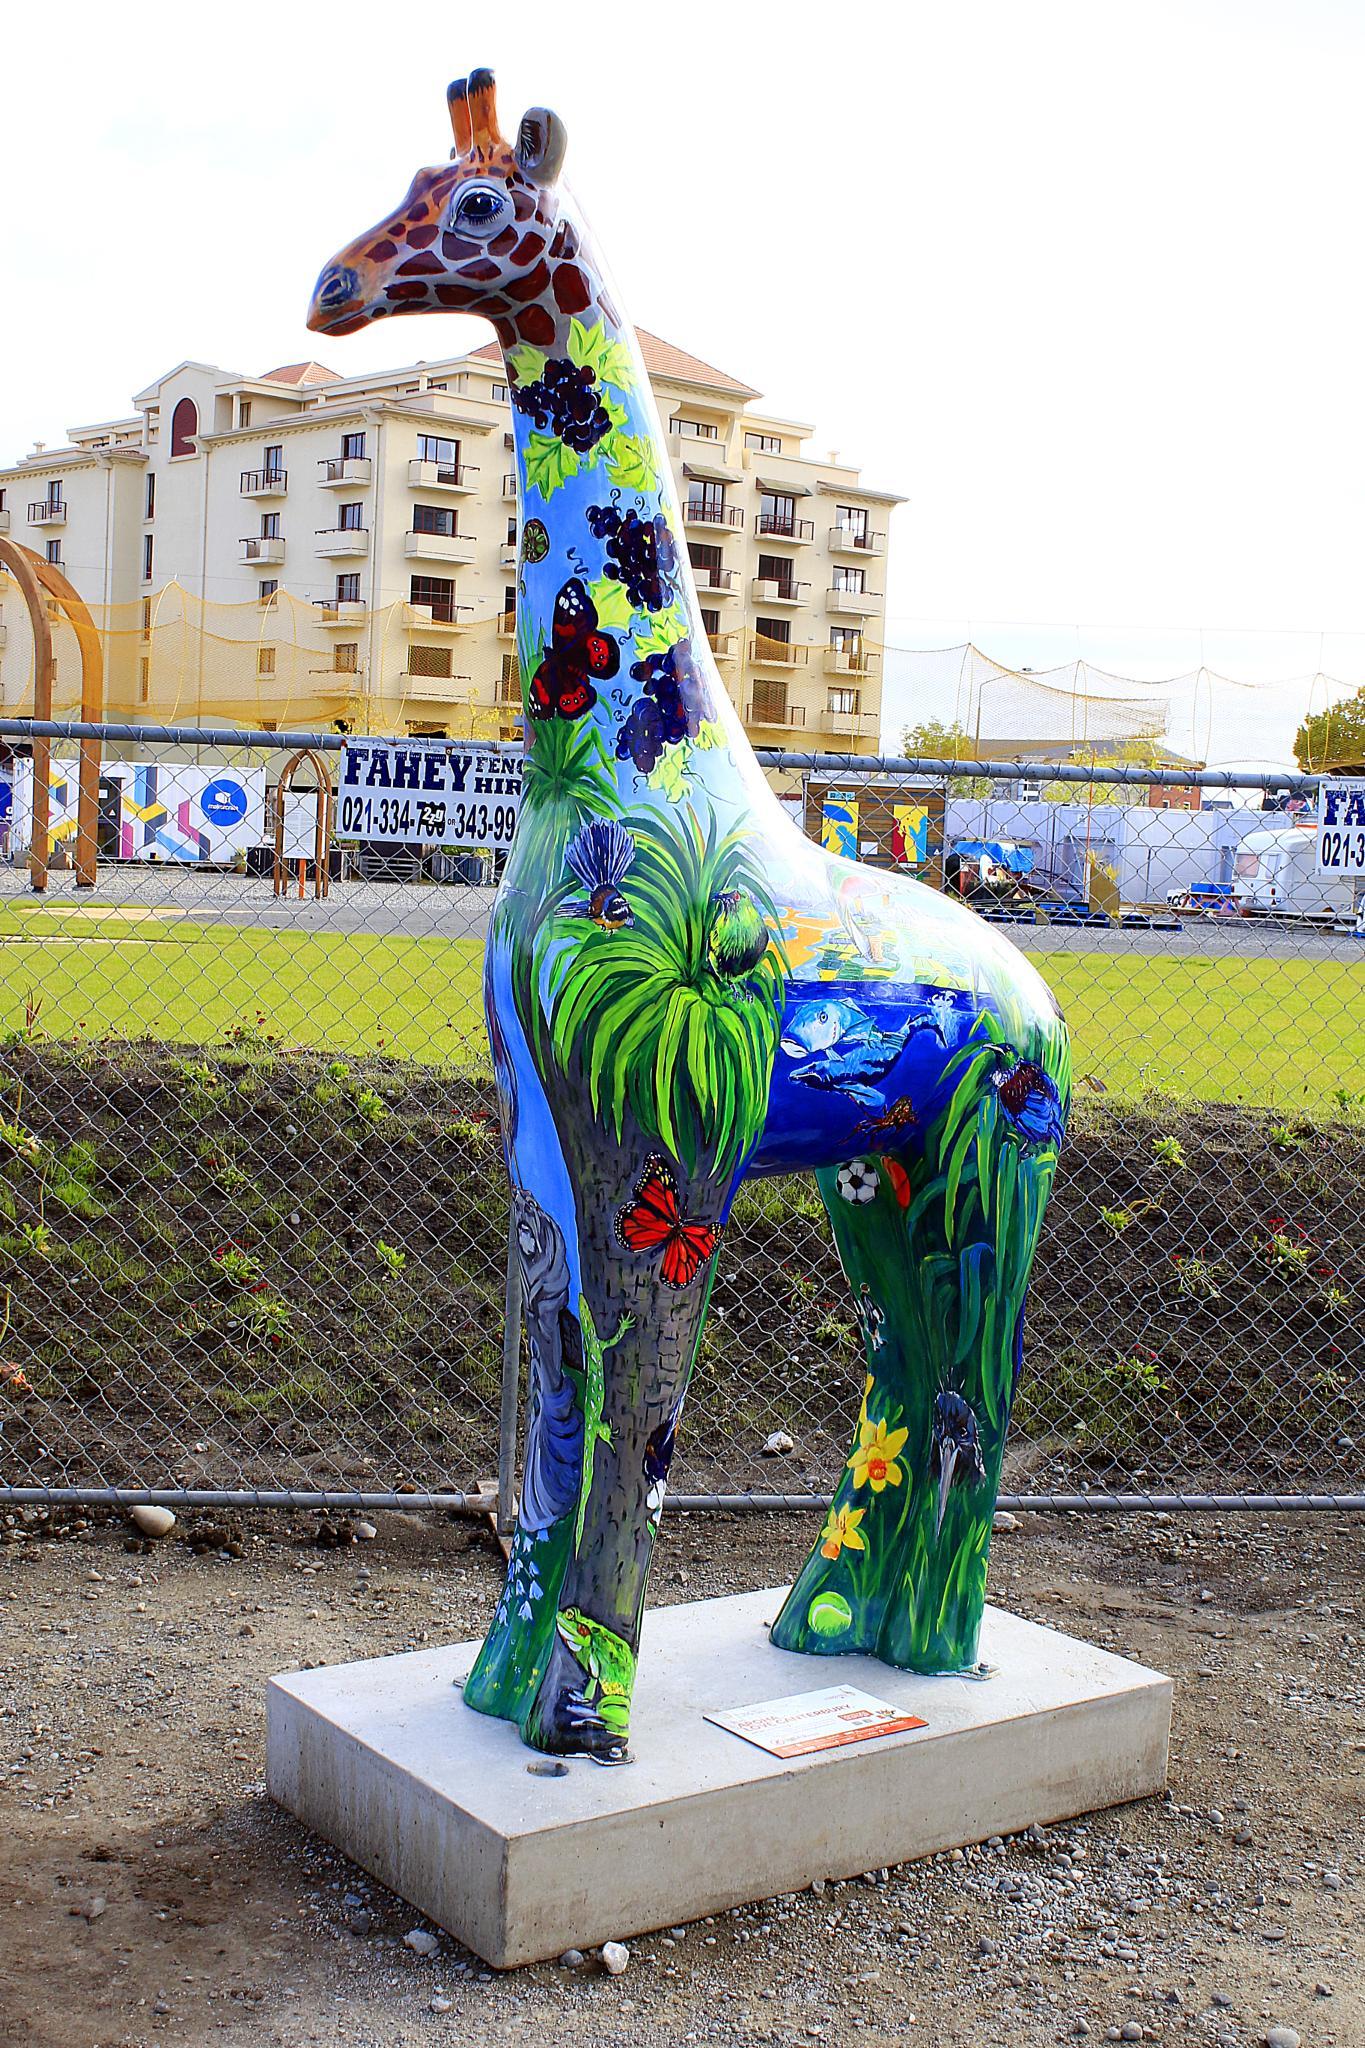 Christchurch Stands Tall Giraffe Sculptures (14) by Phil Le Cren